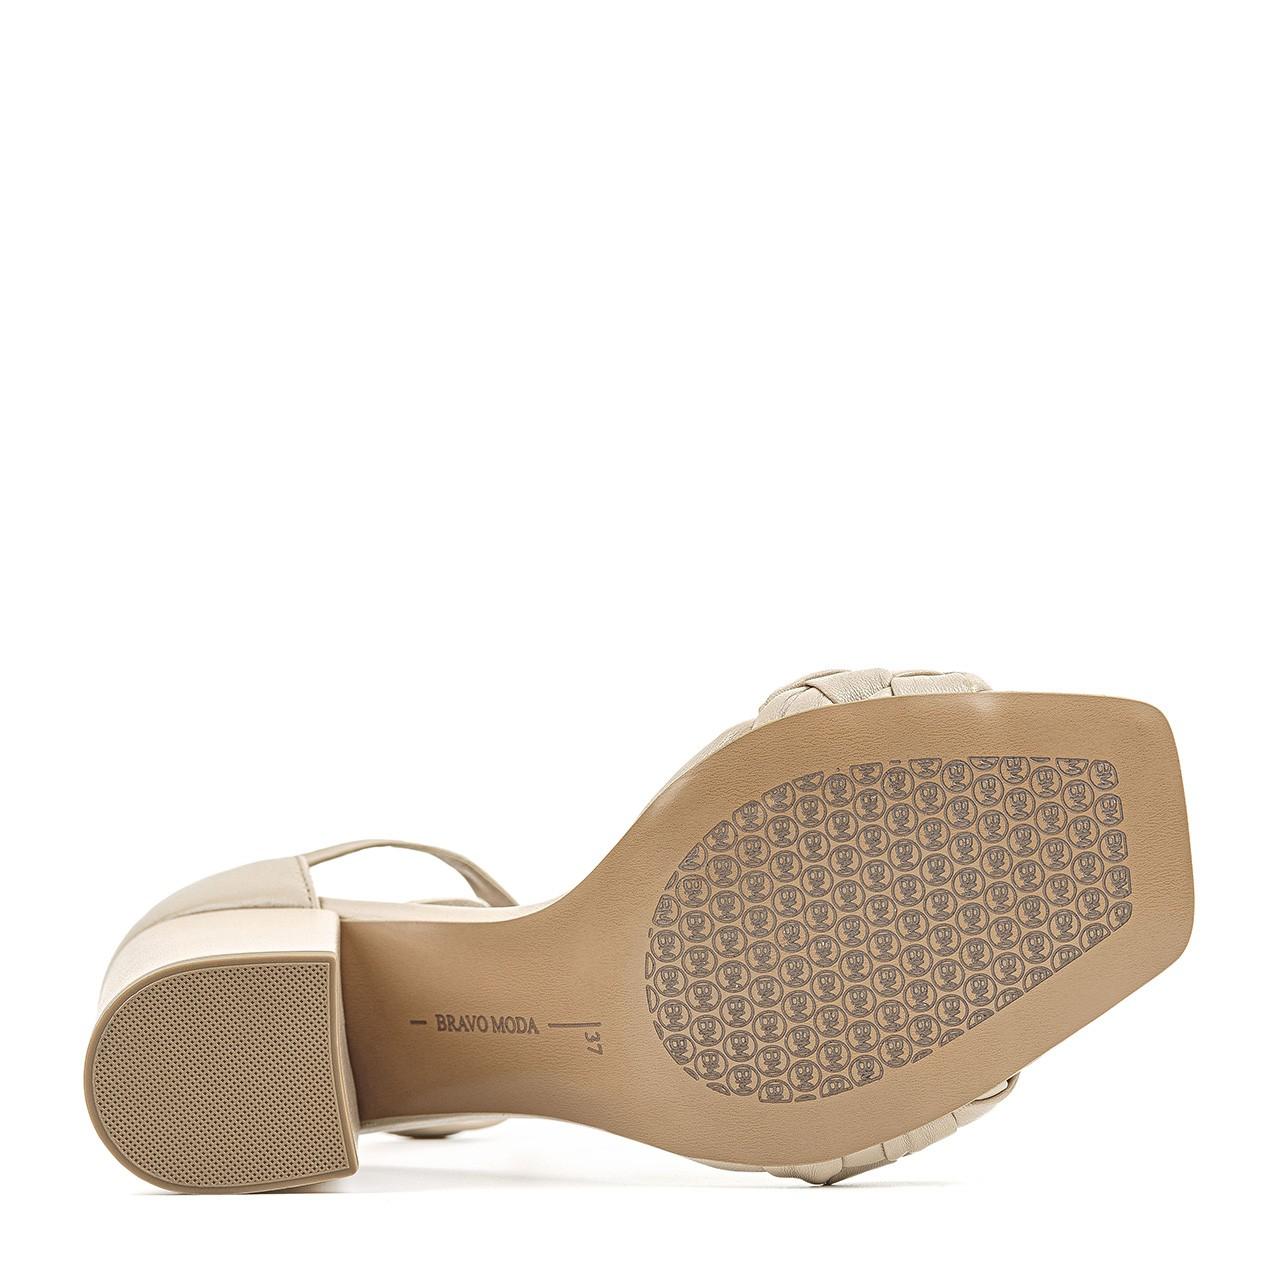 Skórzane beżowe sandałki na szerokim słupku